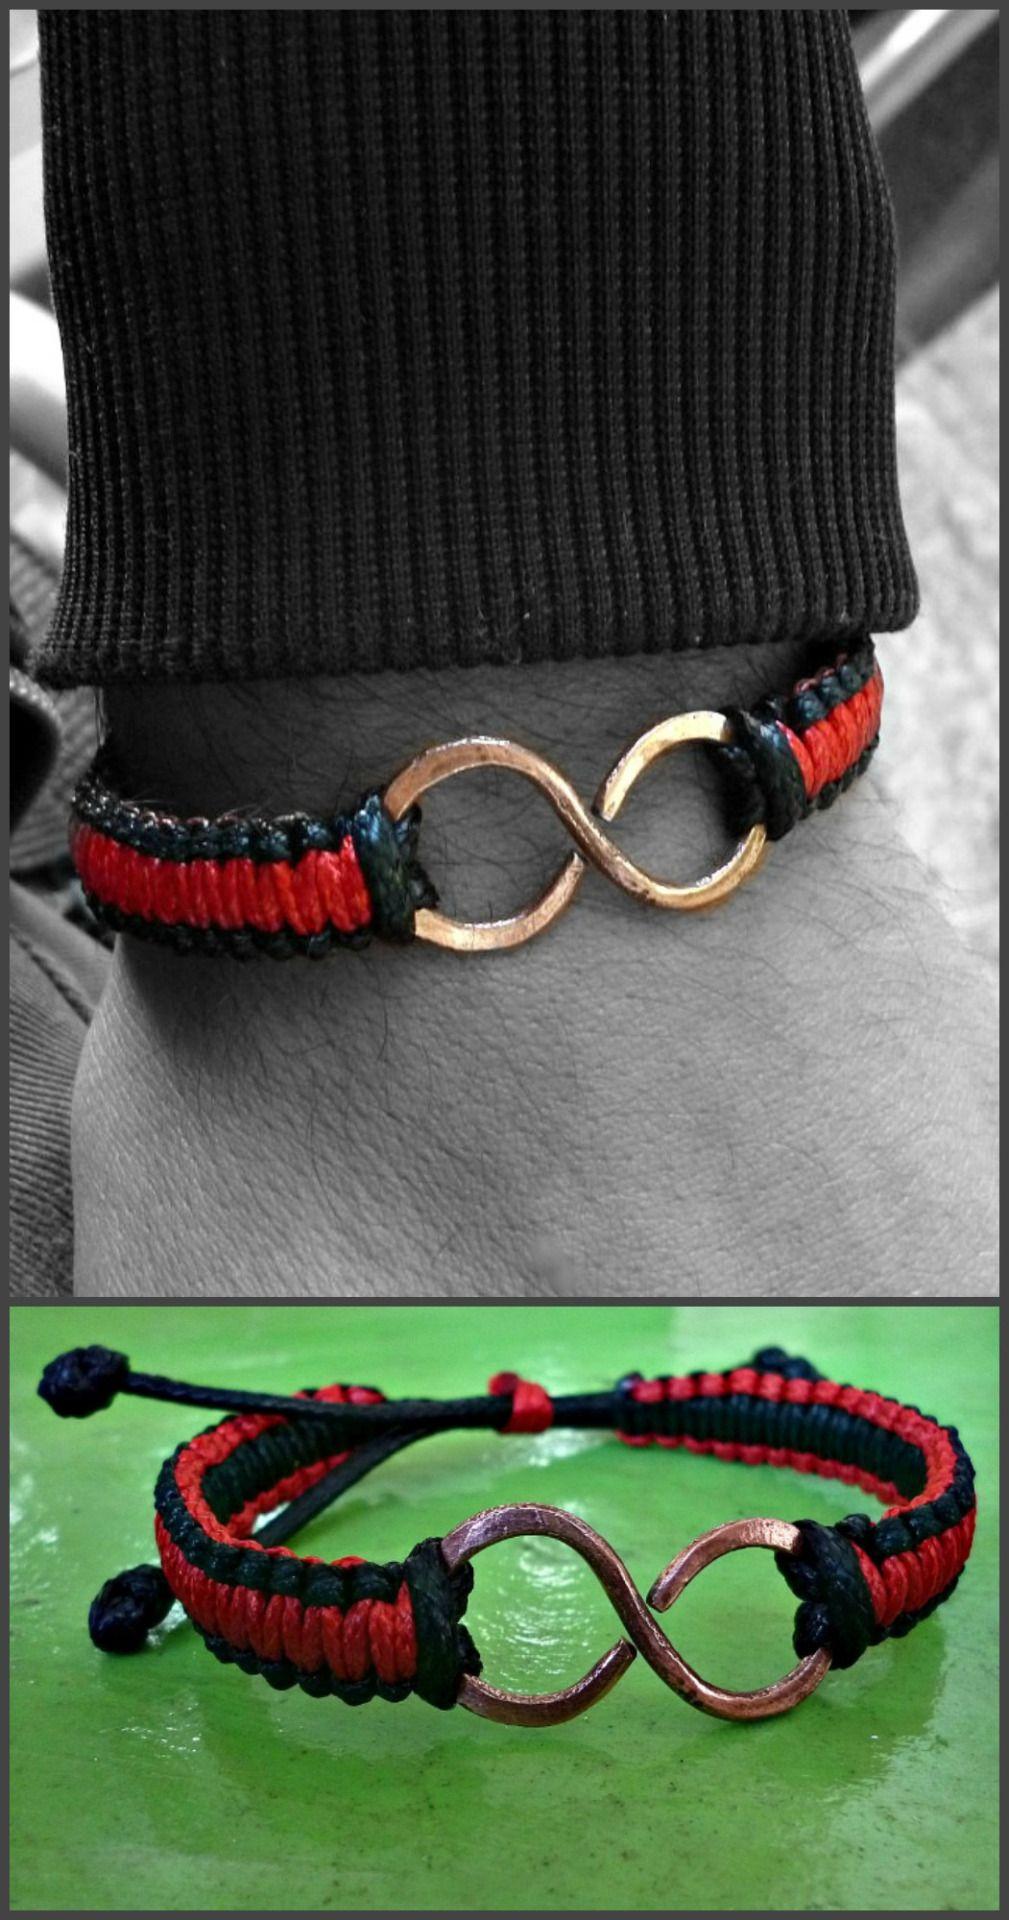 70748543a142 pulsera infinito de cobre con tejido elaborado con cordon piel de serpiente